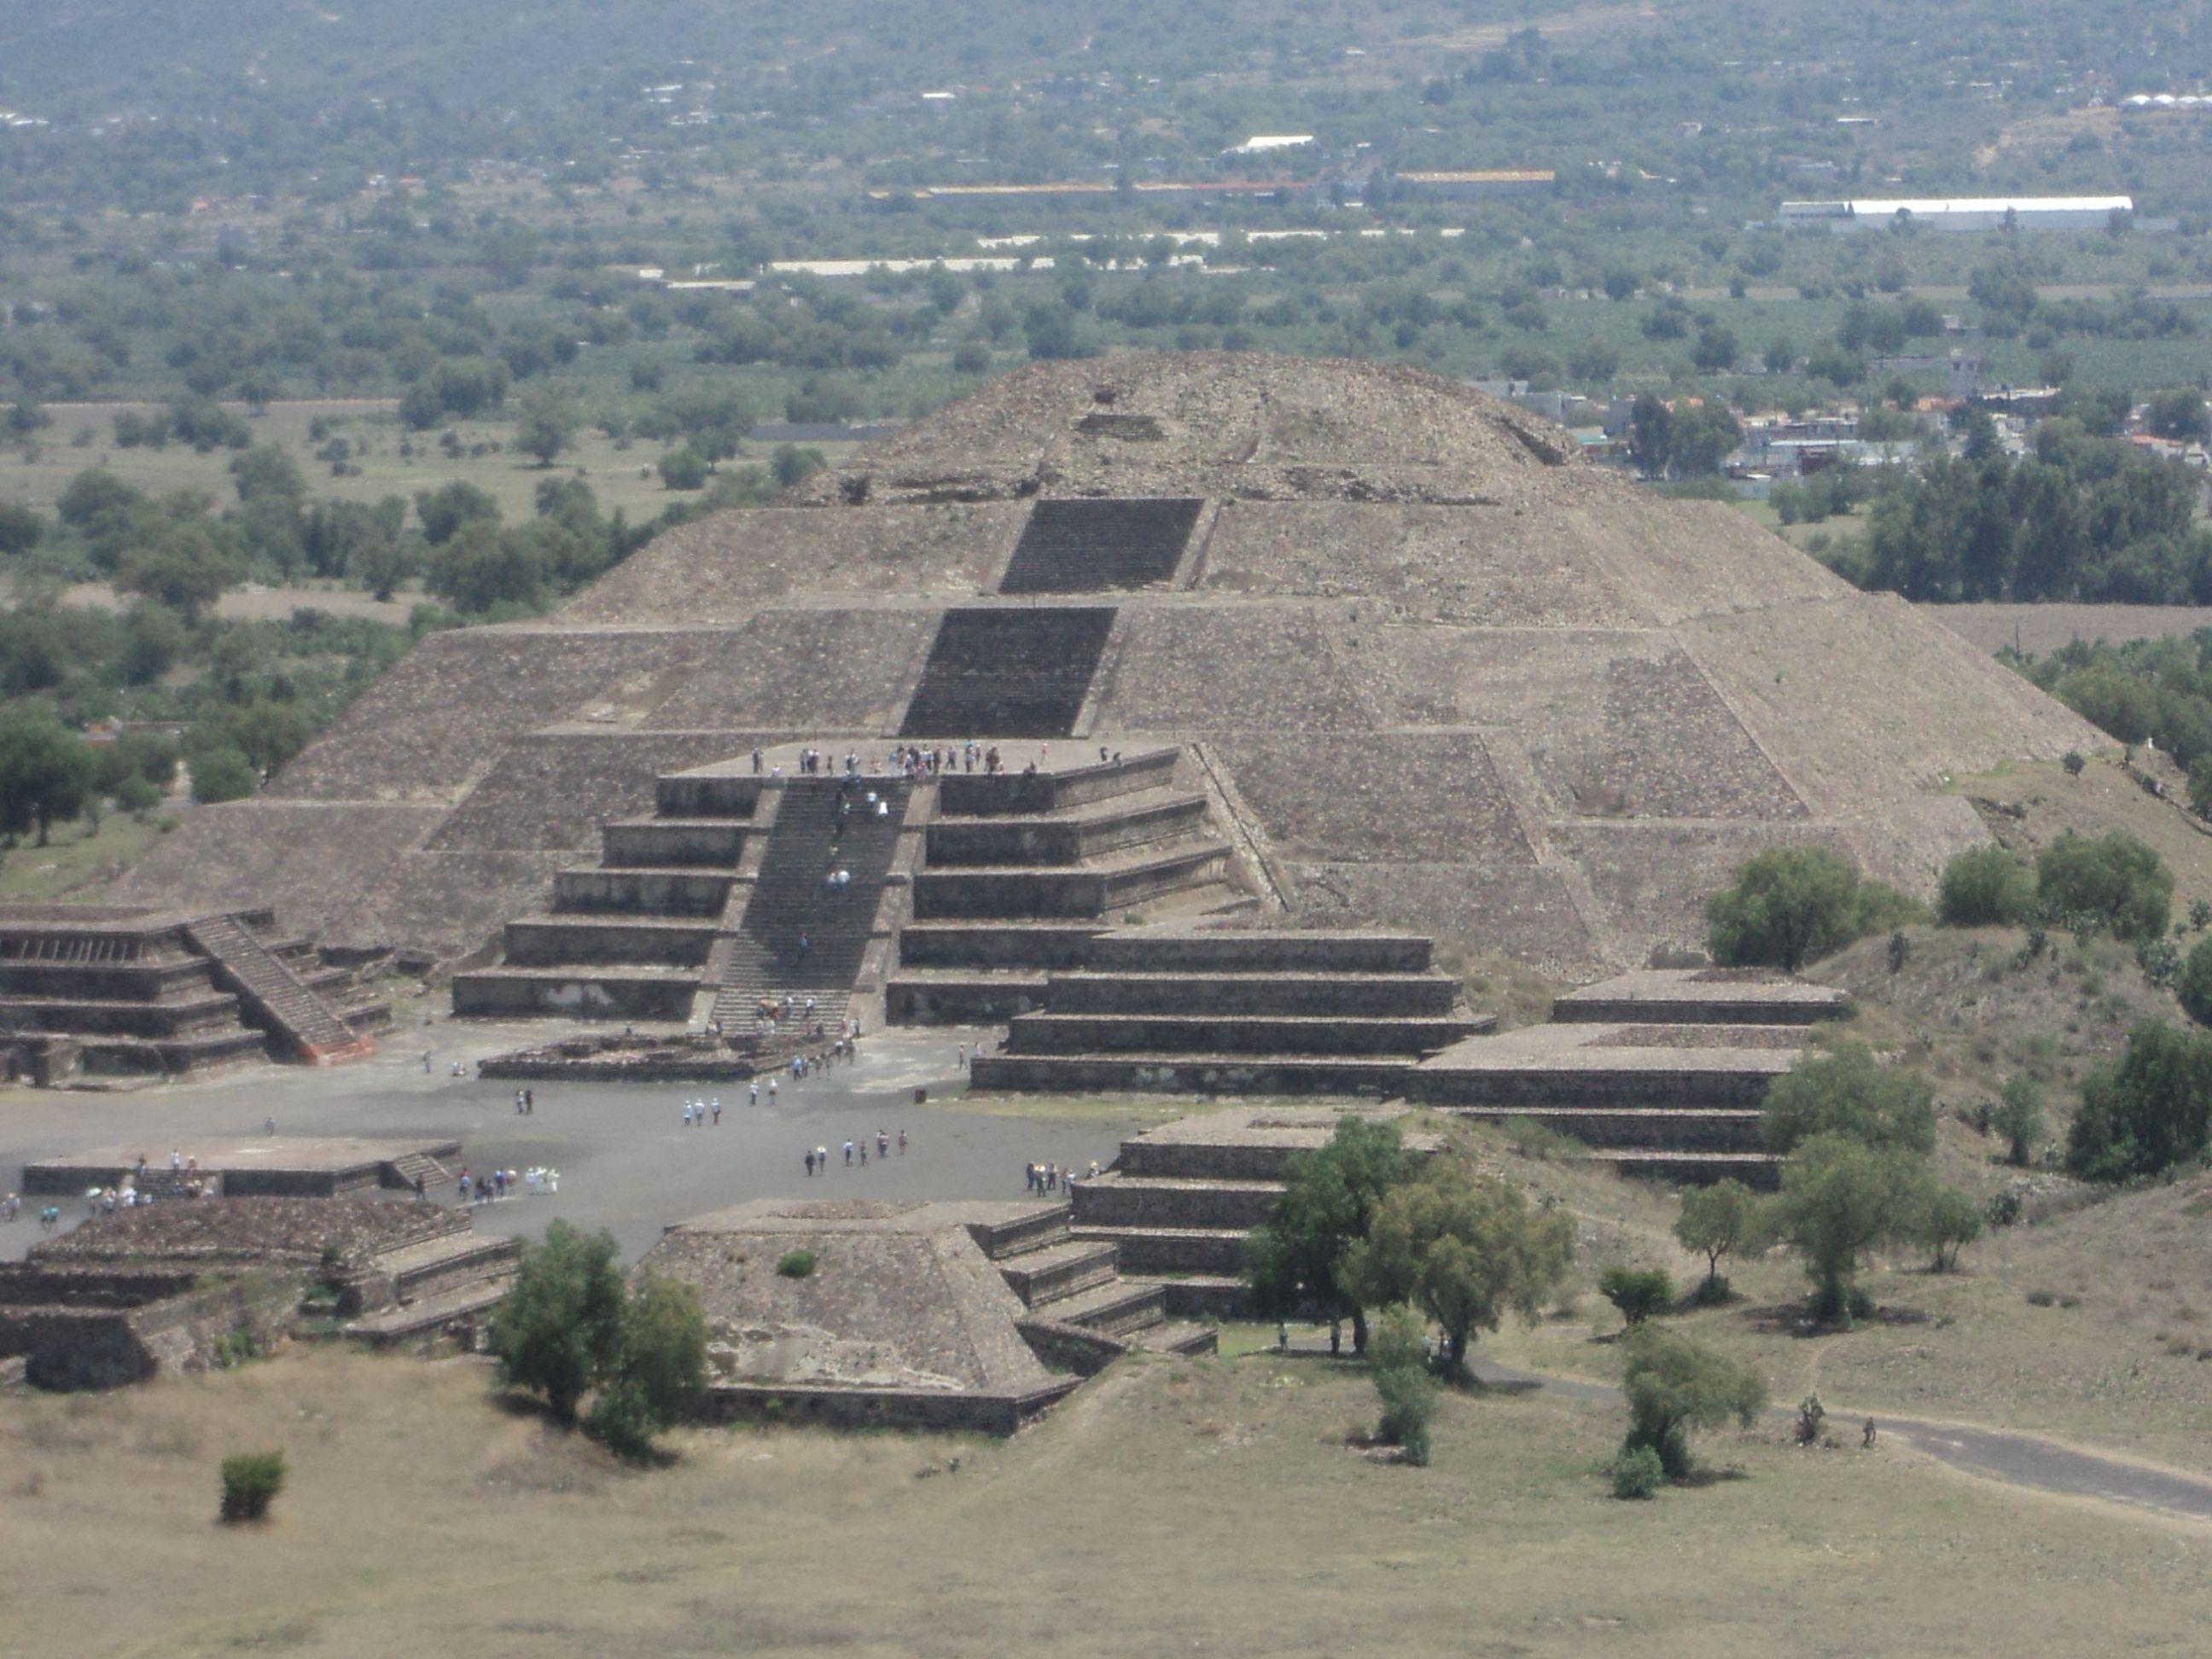 Piramide De La Luna Teotihuacan Estado De Mexico Mexico Teotihuacan Piramides Mexico Viajes